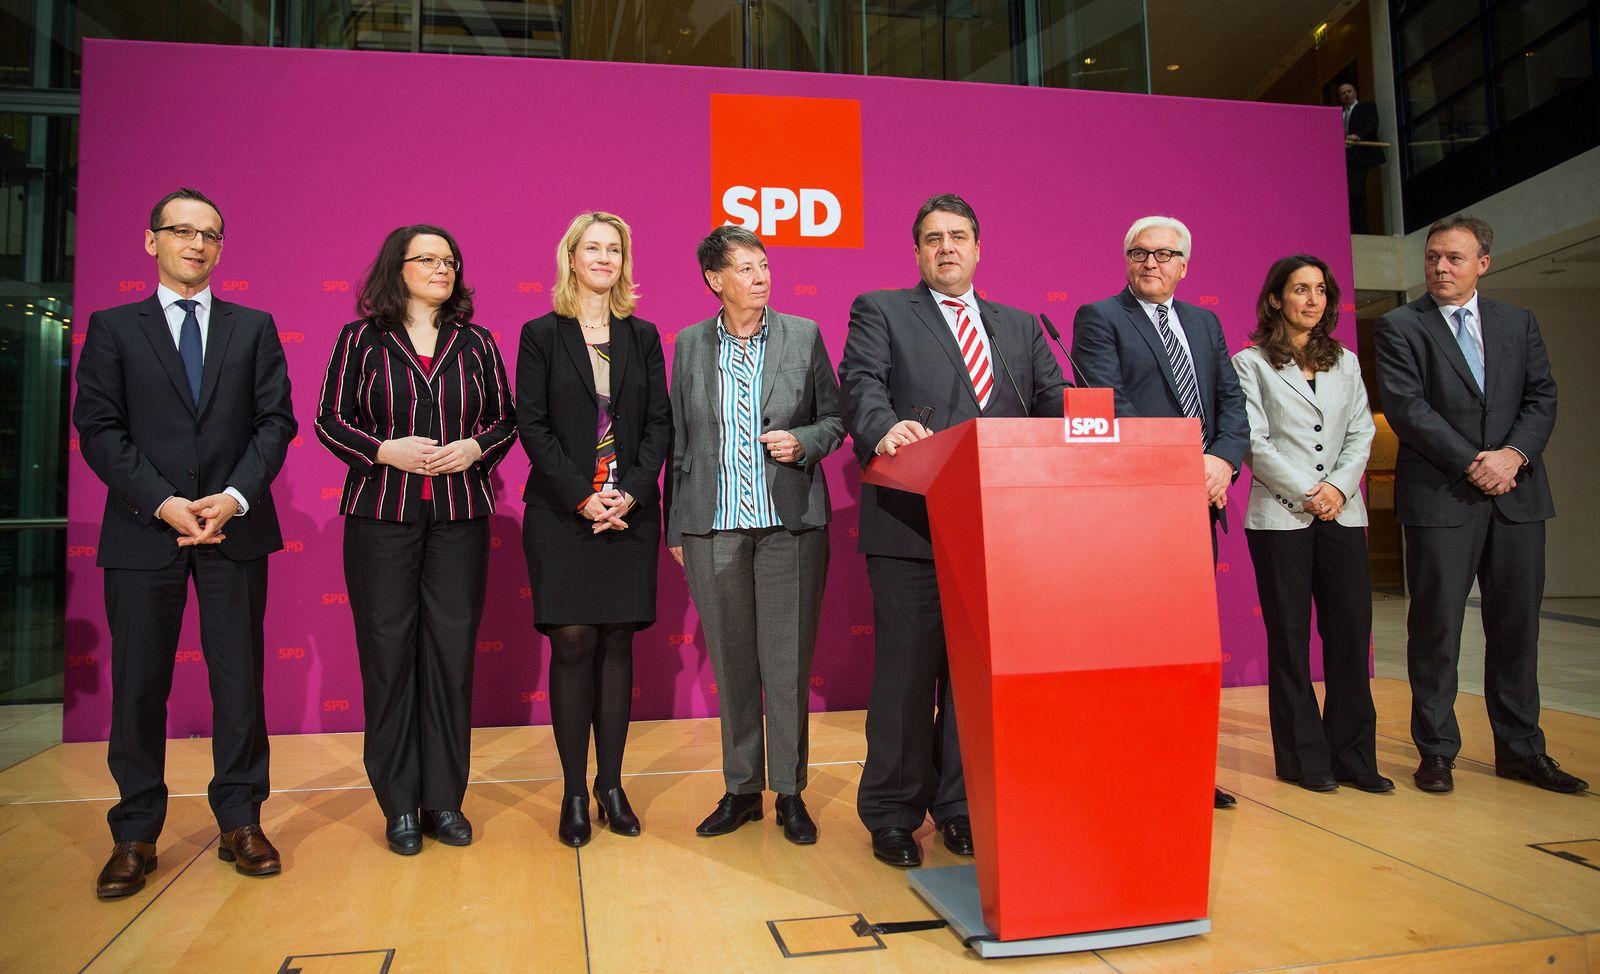 SPD-Minister